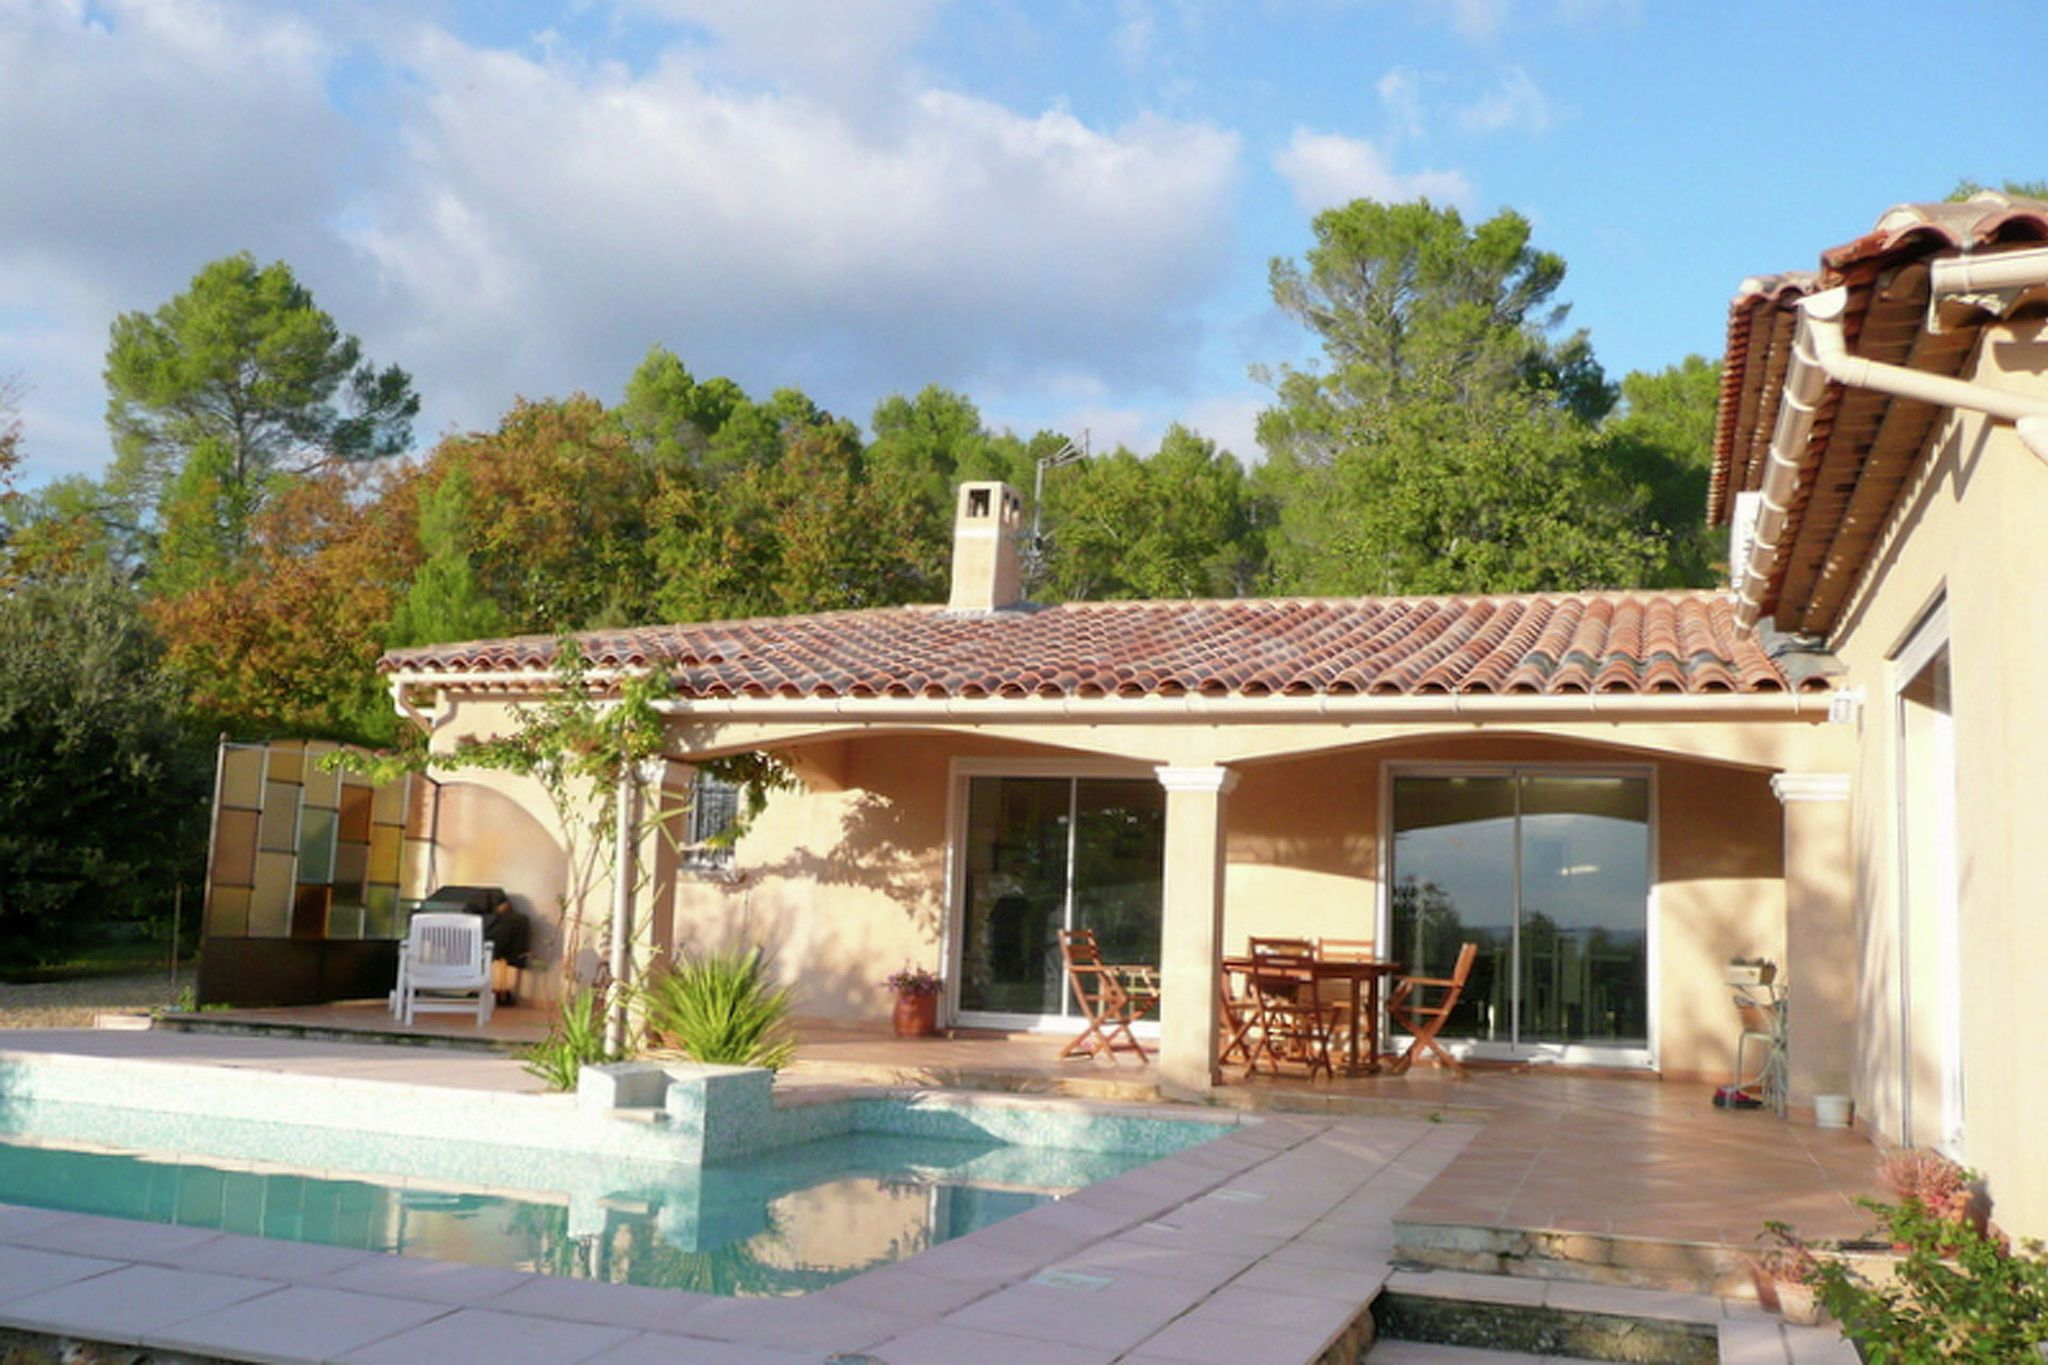 Apartamento con piscina de 170 m²